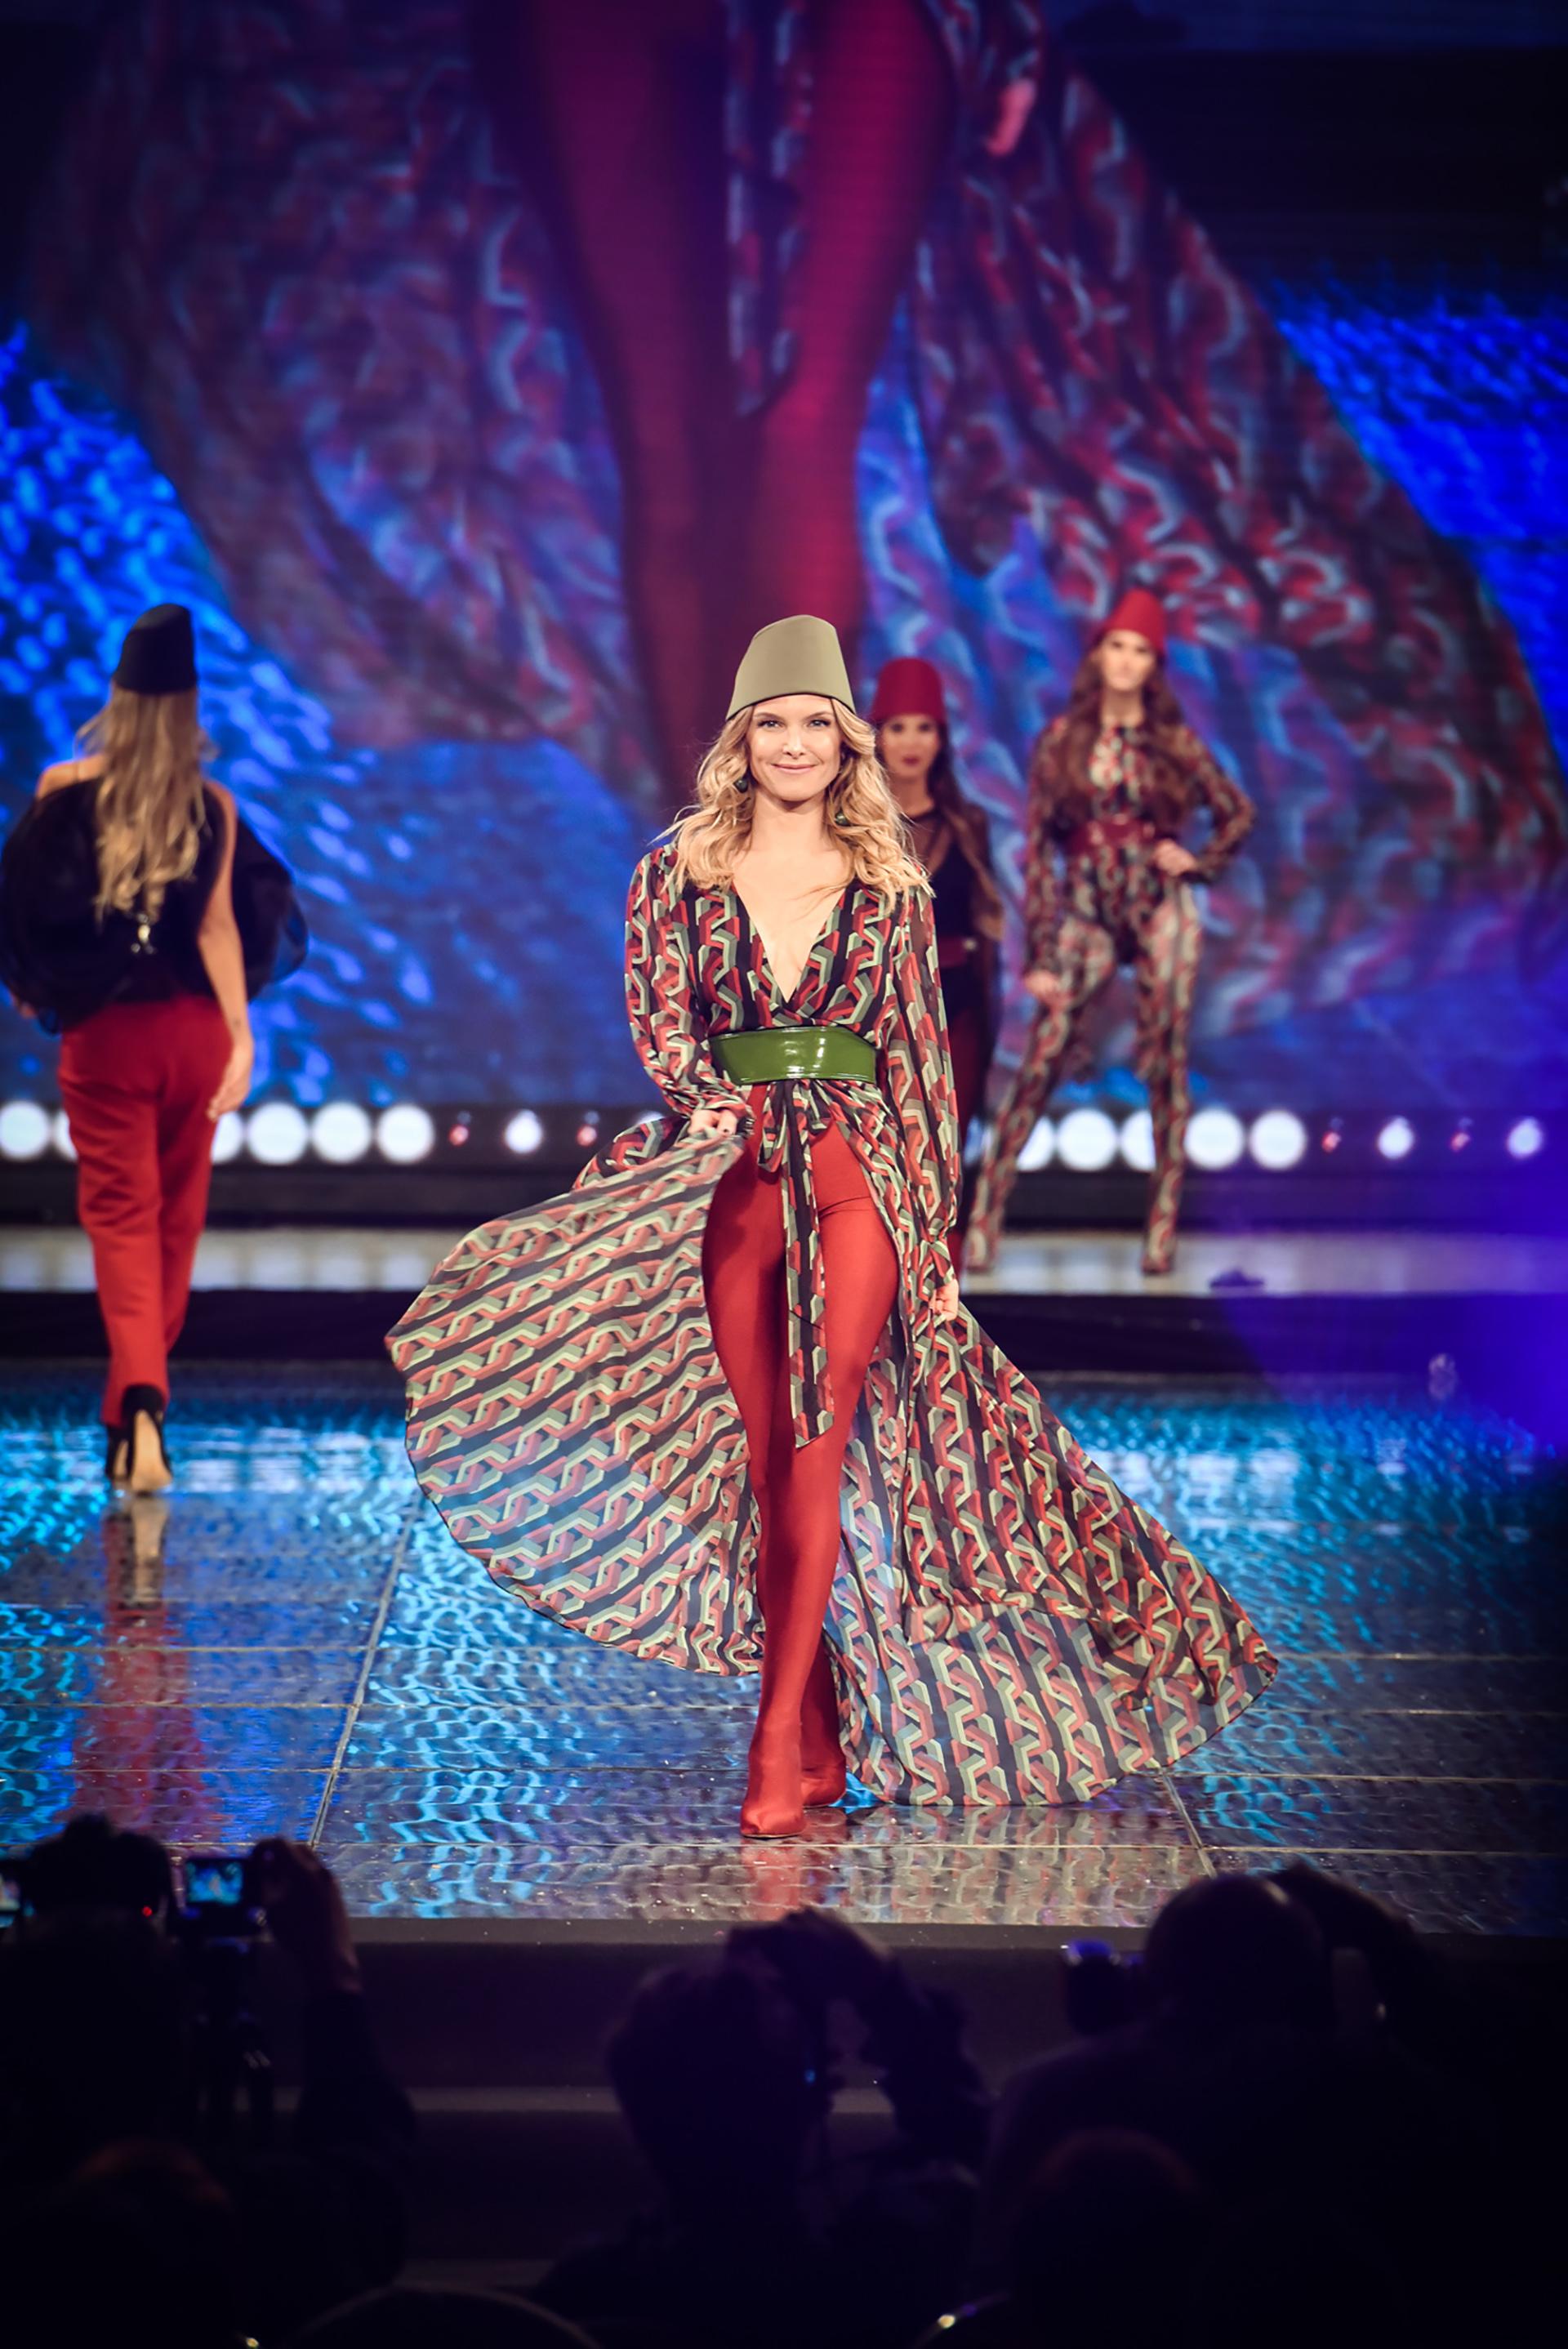 La modelo Sofia Zamolo, desfiló por la extensa pasarela de Caras con los diseños de Laurencio Adot y Thiago Pinheiro